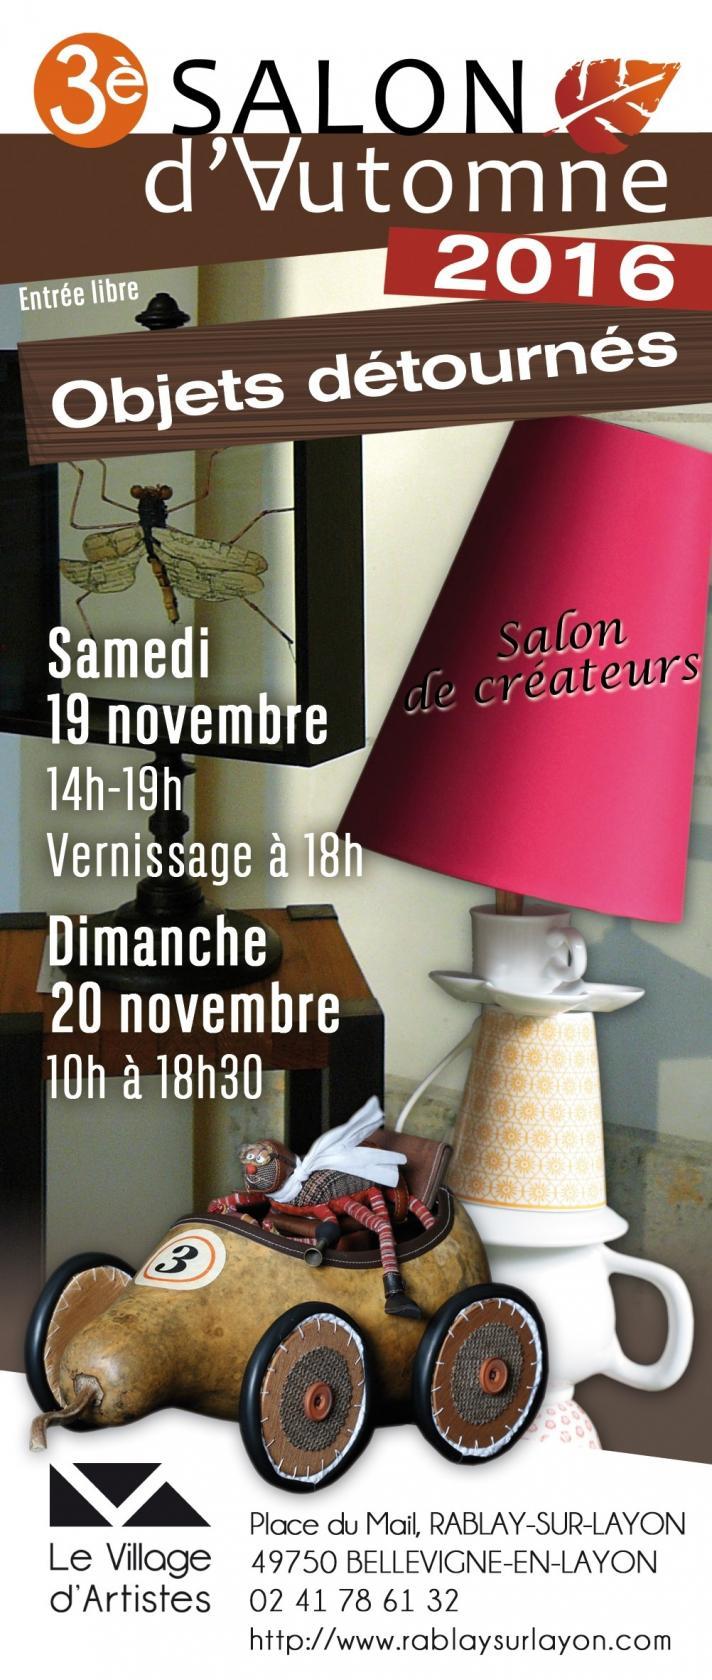 3e salon d'Automne - Les objets détournés Bellevigne-en-Layon